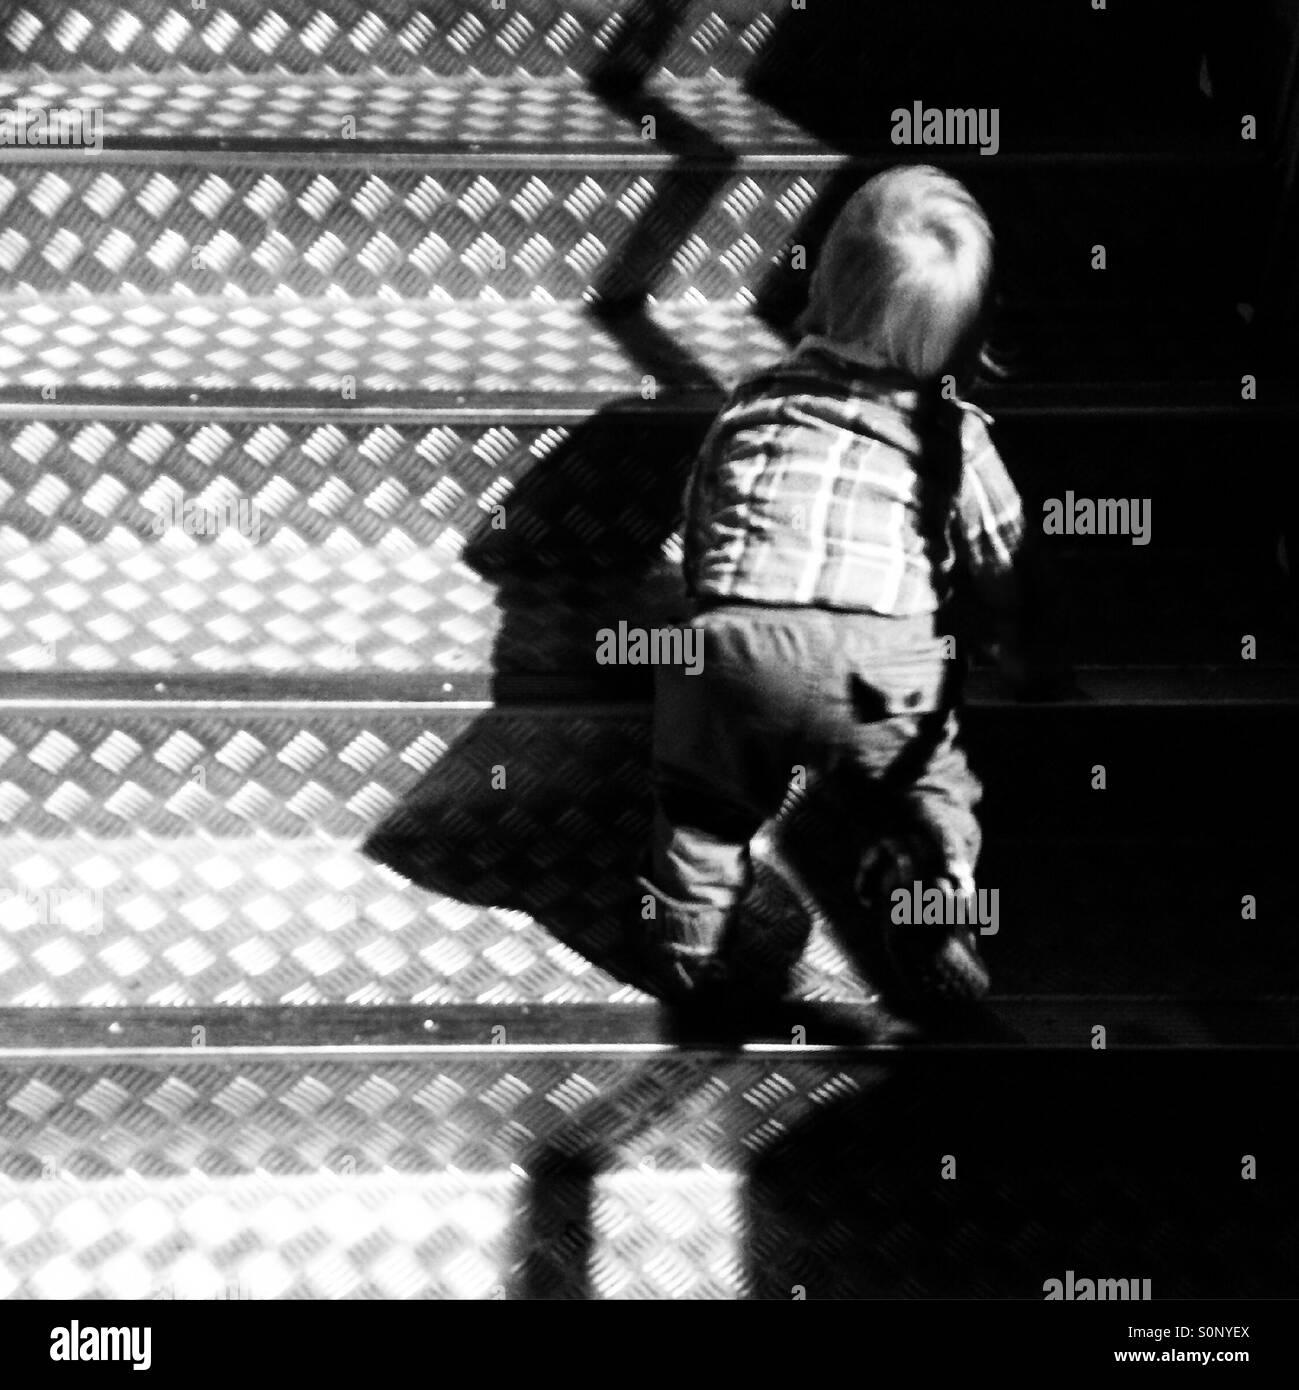 Boy toddler climbing stairs - Stock Image